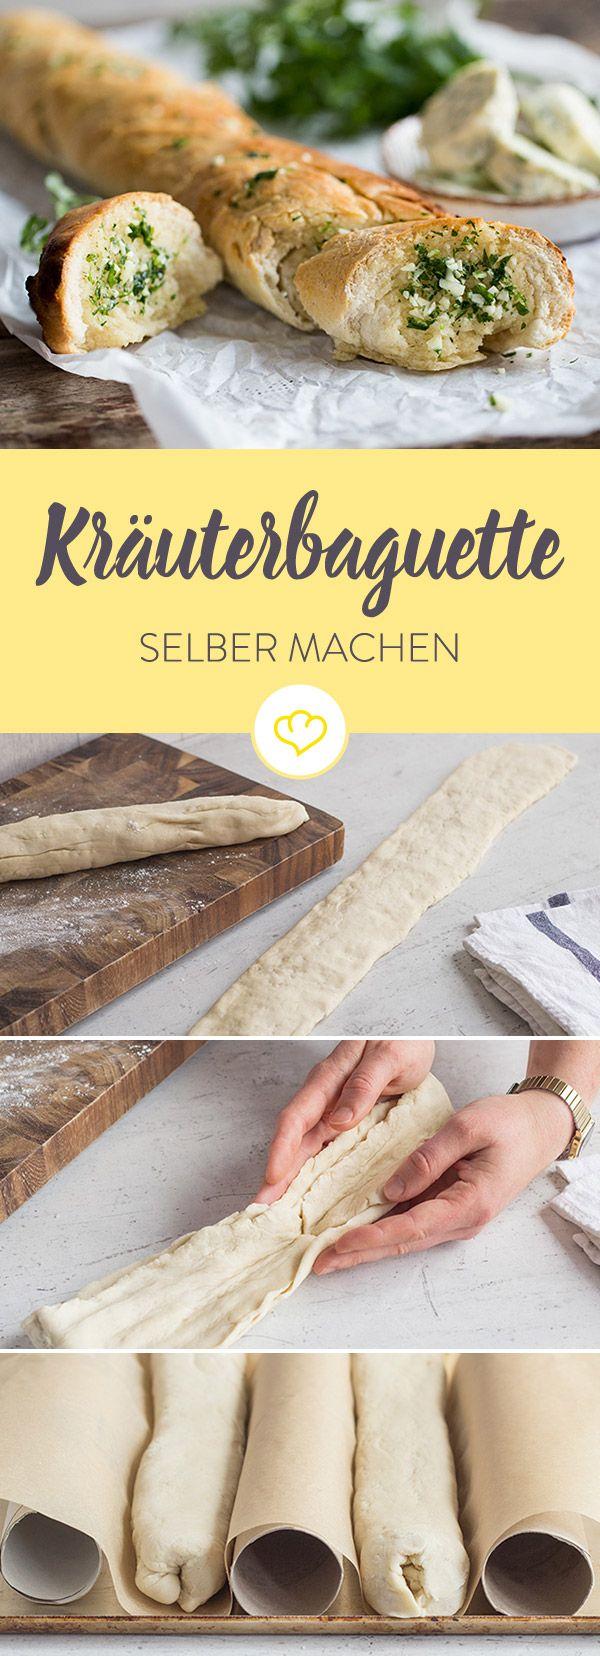 Der Klassiker zum Selbermachen: Im warmen Ofen zieht die aromatische Butter in den lockeren Hefeteig ein und macht das Baguette richtig schön saftig.